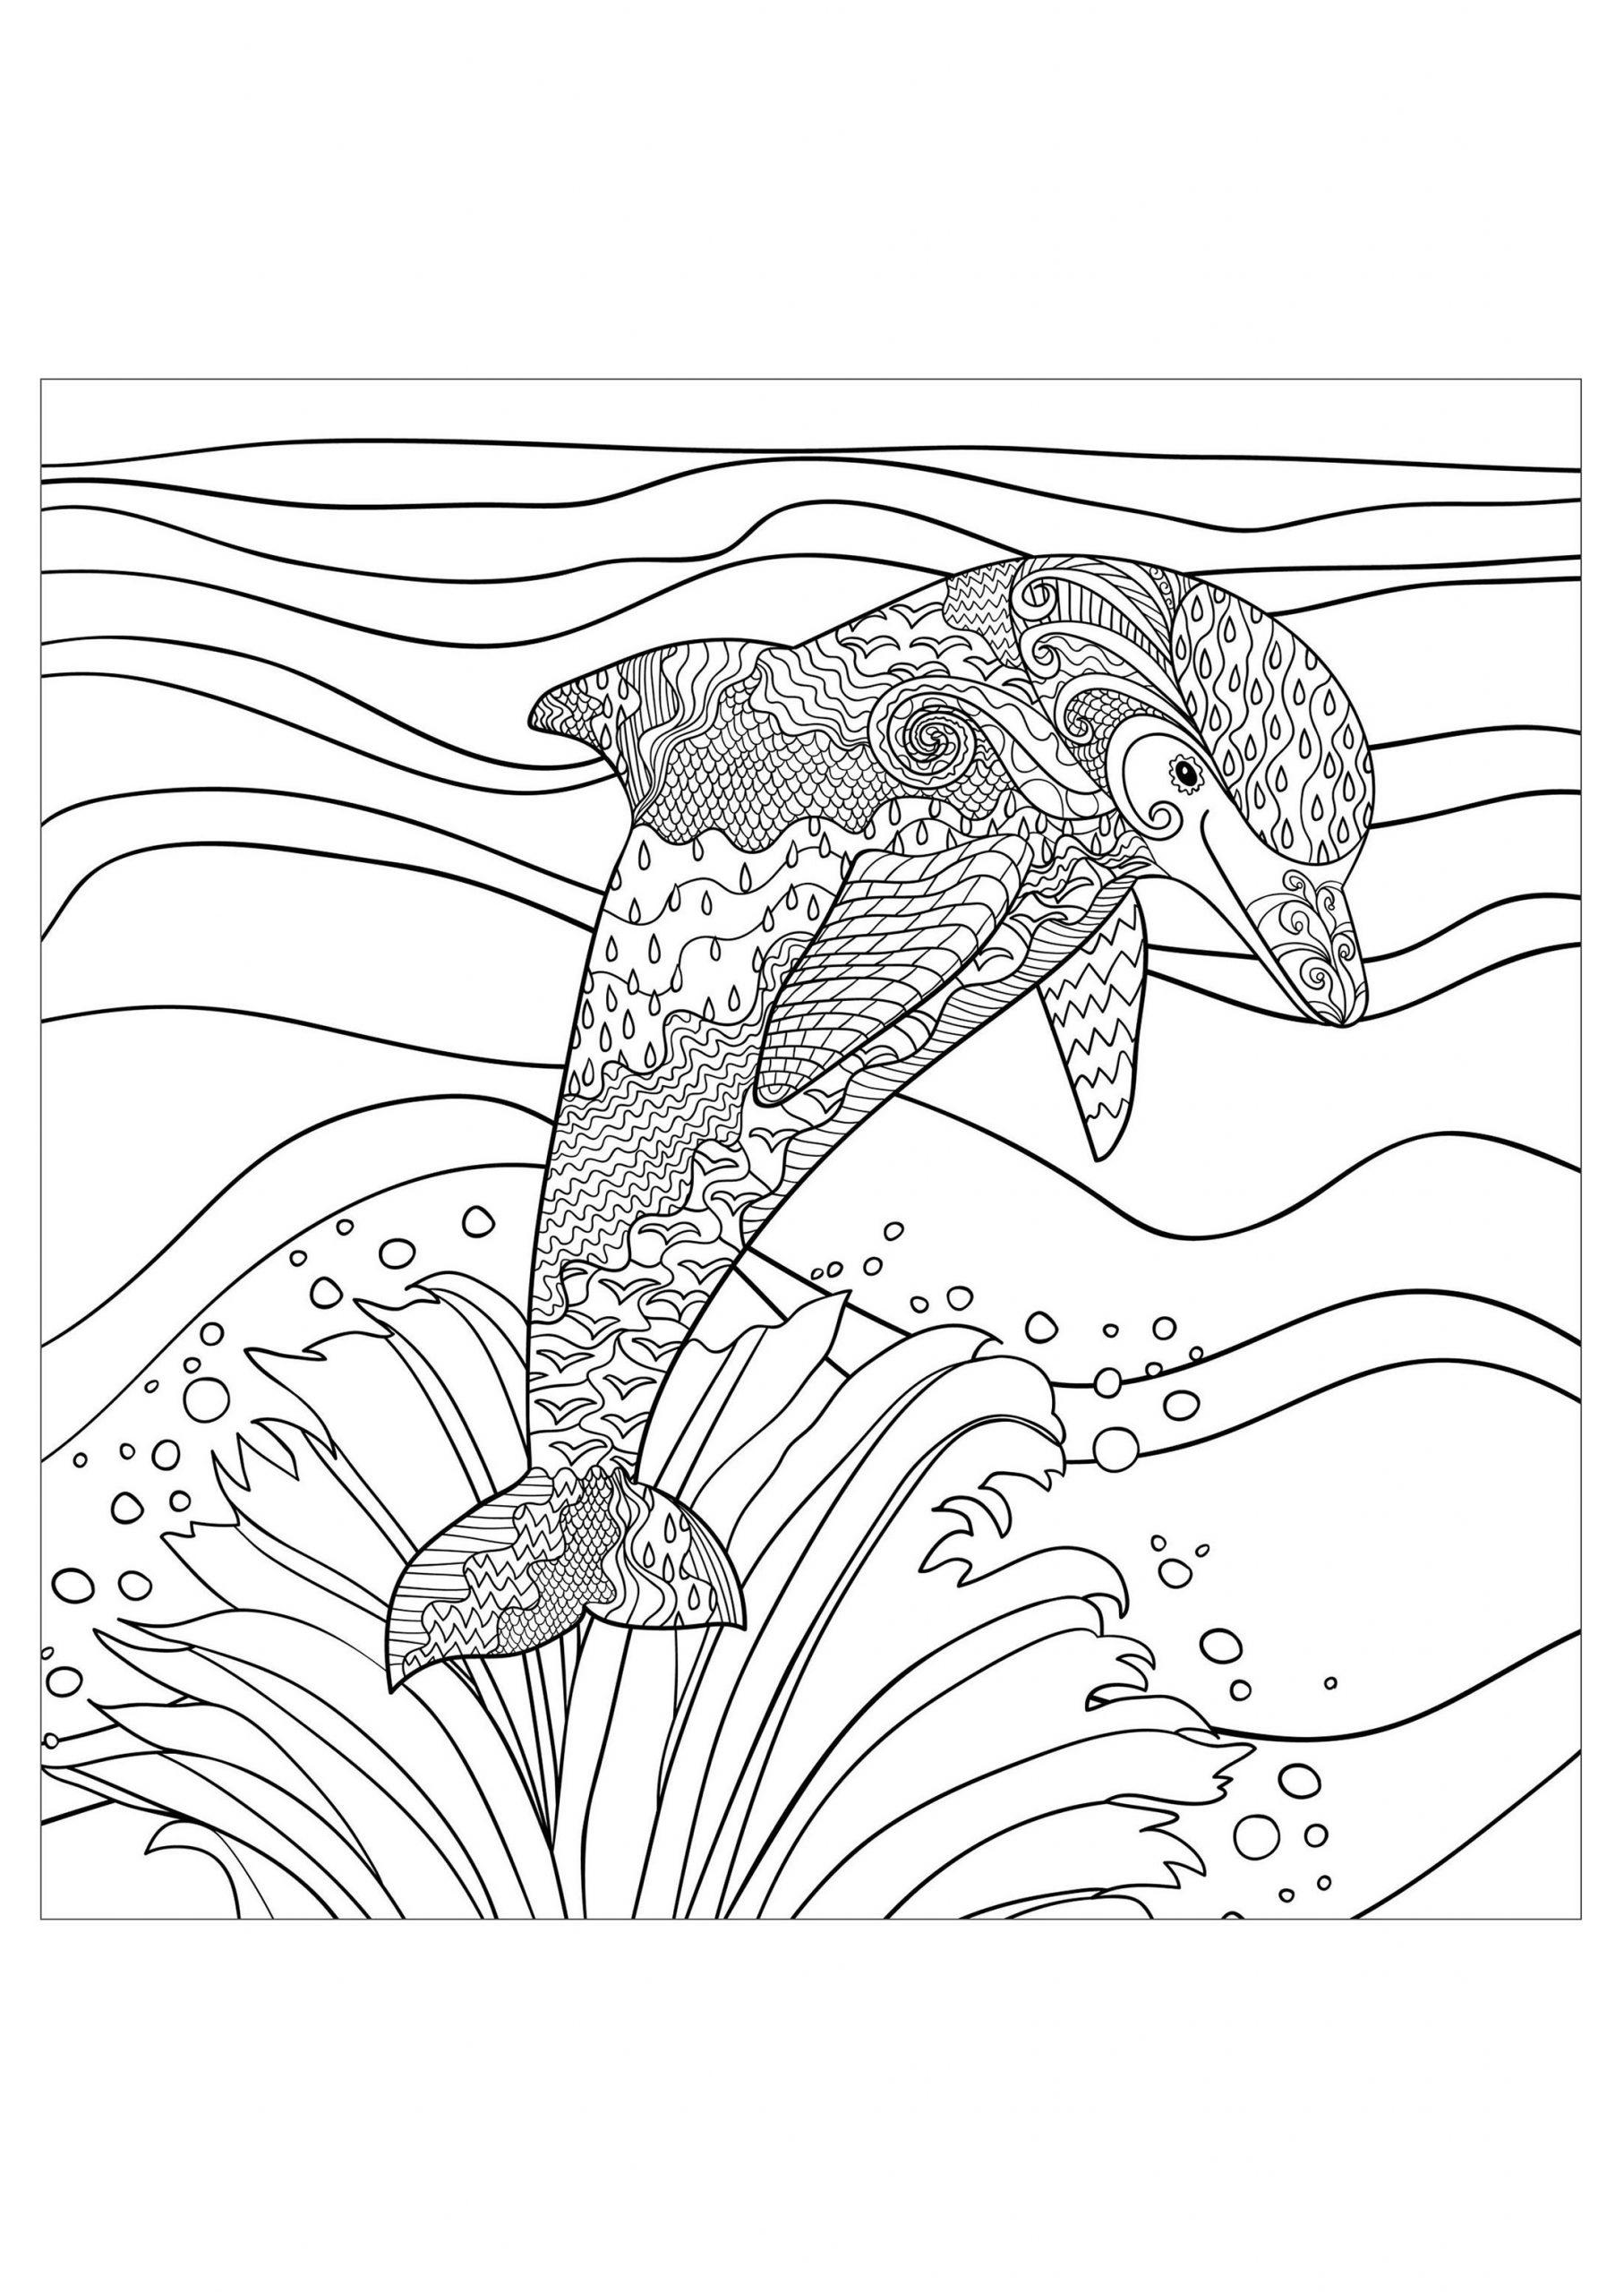 Dauphin Vagues Mer - Dauphins - Coloriages Difficiles Pour dedans Coloriage A Imprimer De Dauphin